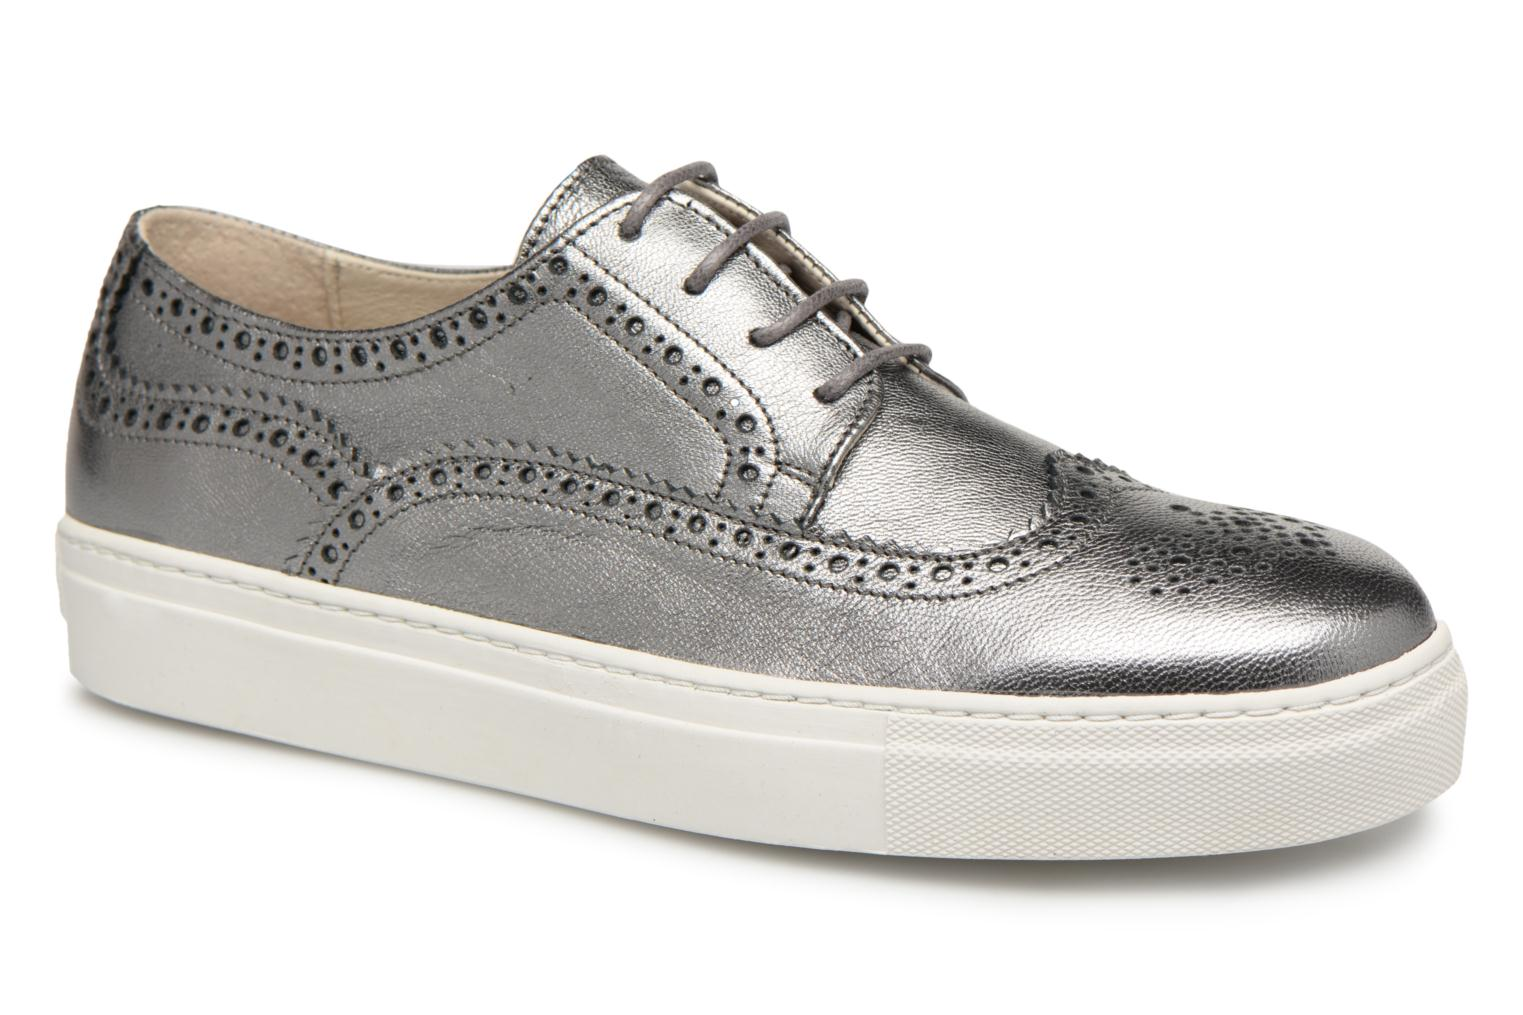 Zapatos especiales para hombres y mujeres (Plateado) Canal St Martin ALIBERT (Plateado) mujeres - Deportivas en Más cómodo dc162e